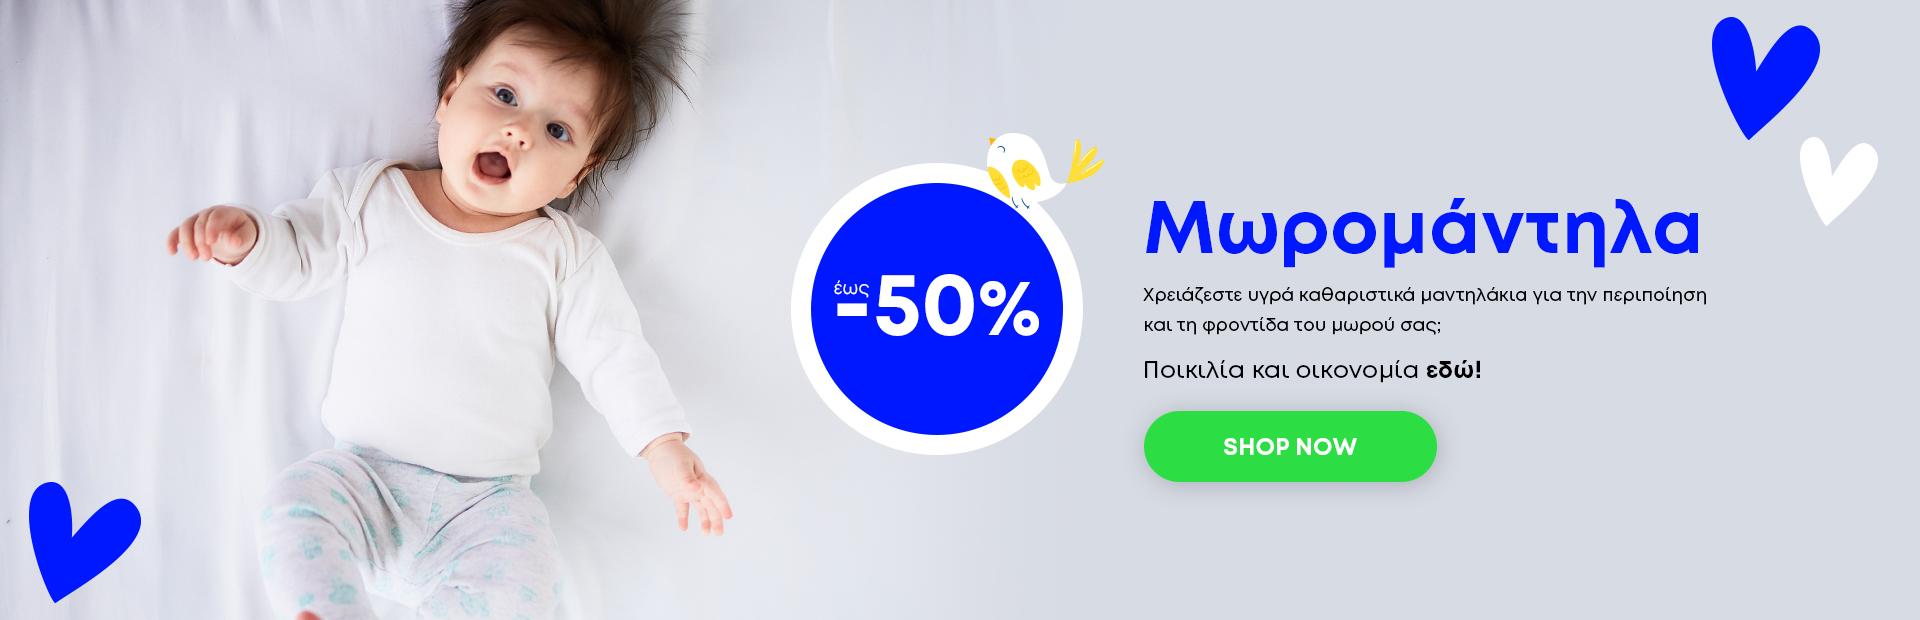 Μωρομάντηλα -50%